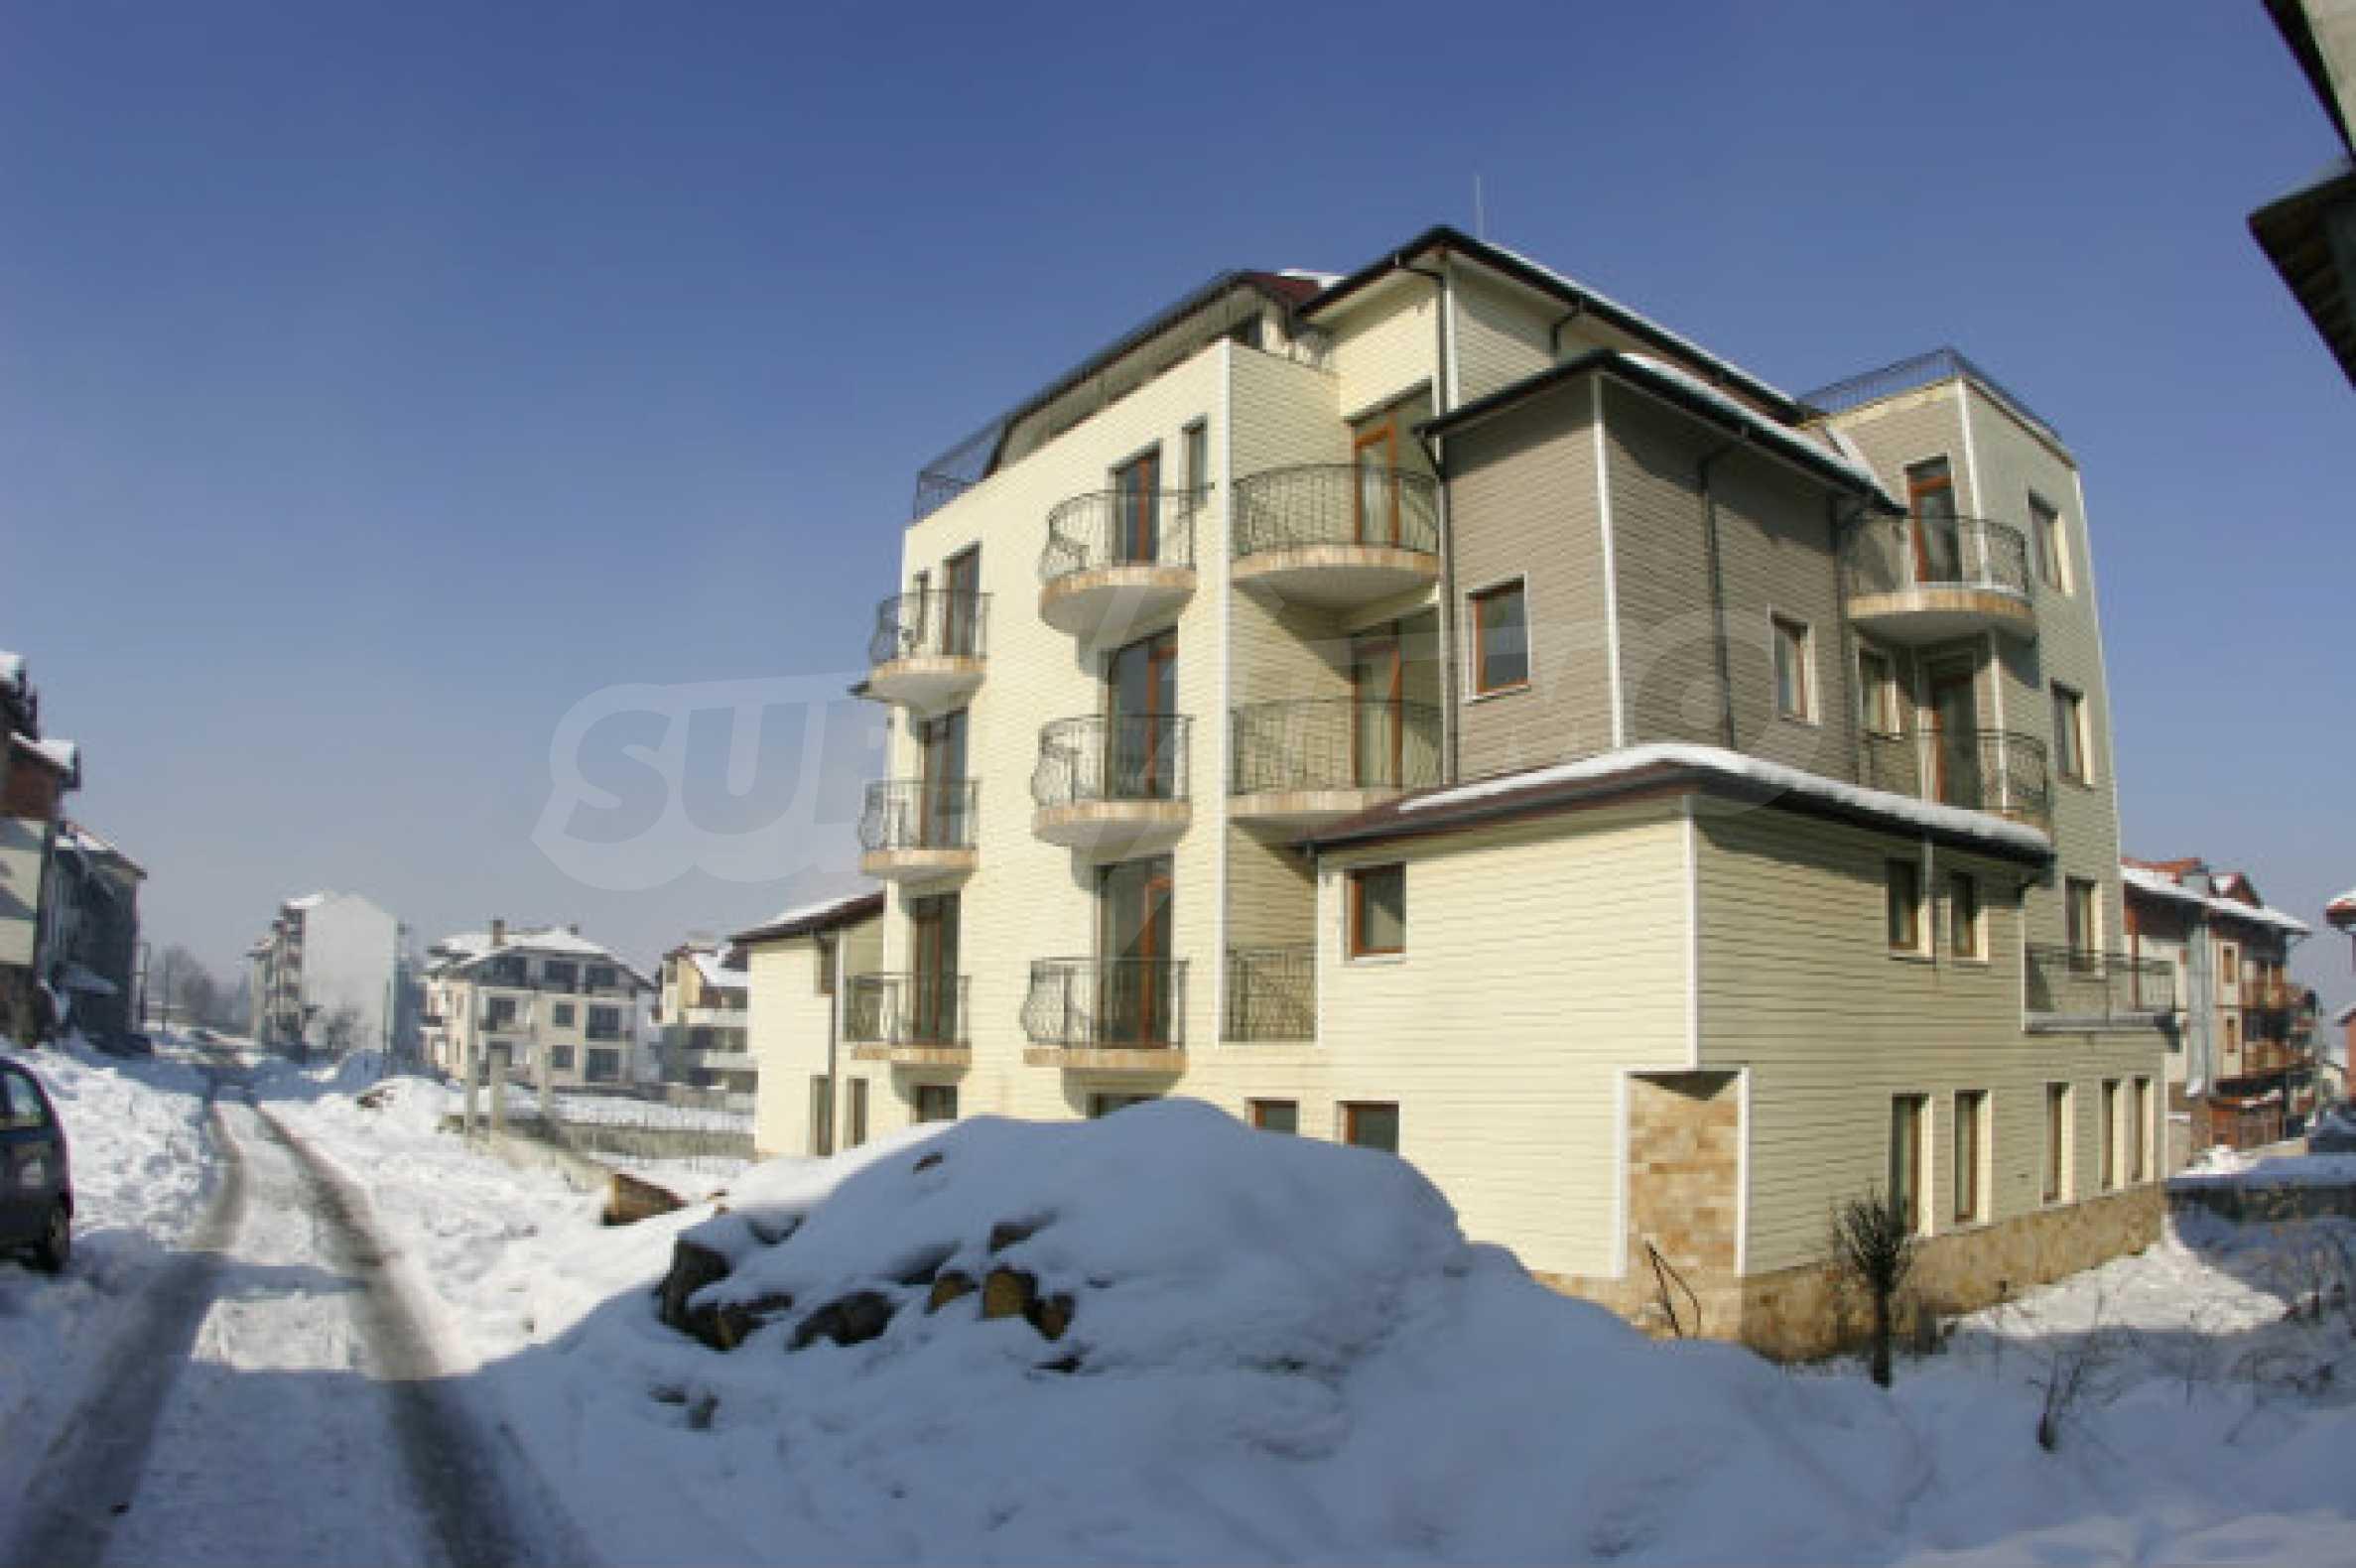 Жилой дом в зимнем курорте Банско 2